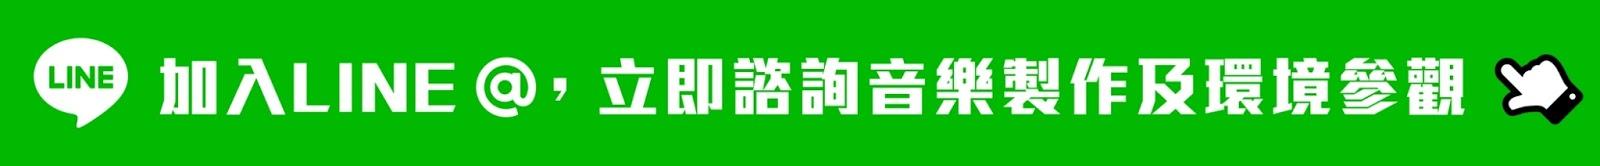 台南錄音室